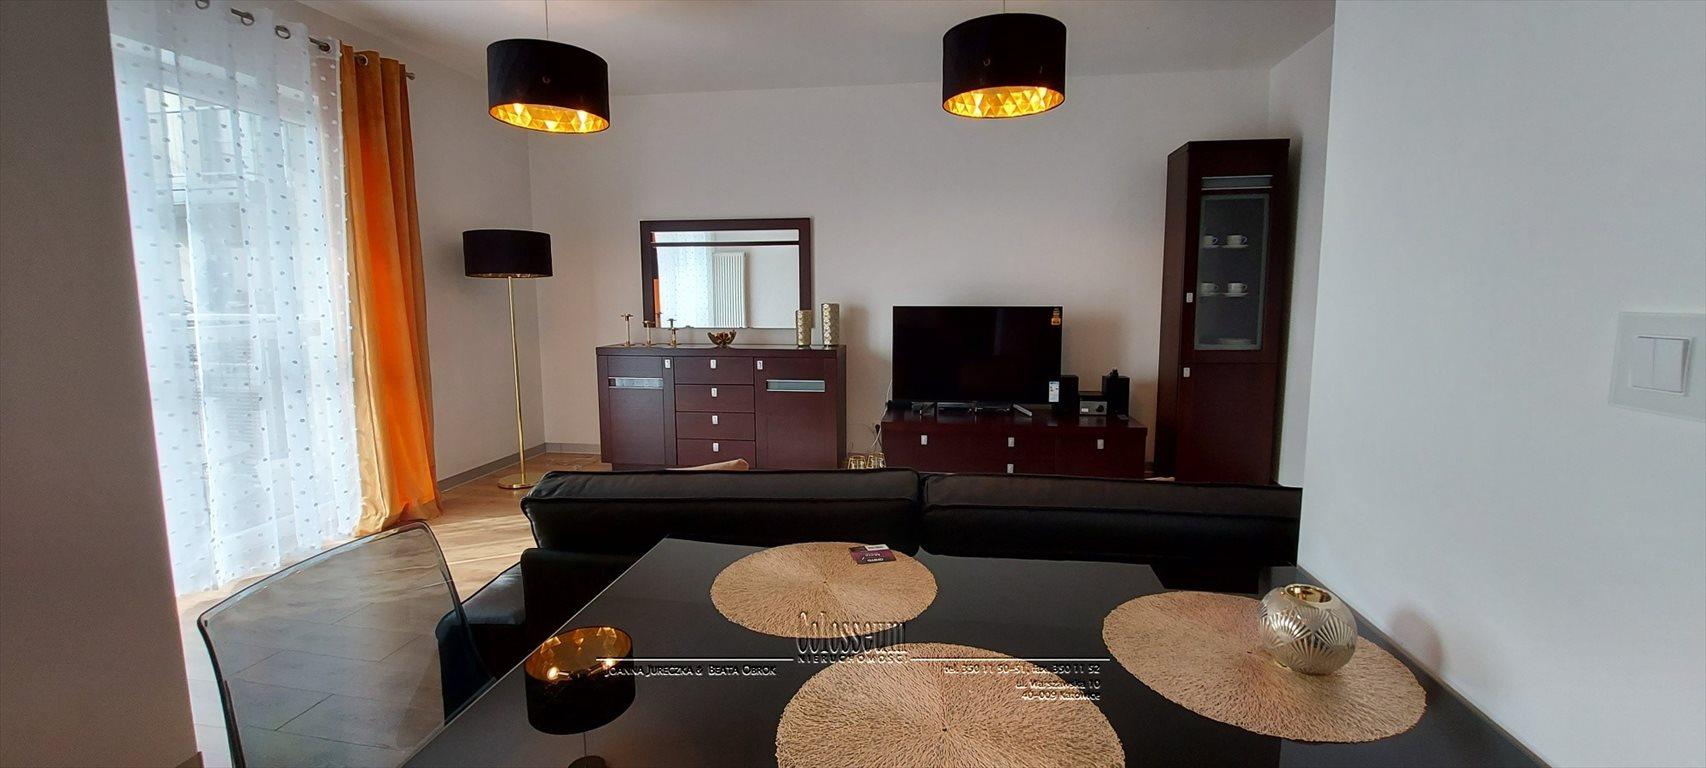 Mieszkanie trzypokojowe na wynajem Katowice, Dąb, Johna Baildona  71m2 Foto 6